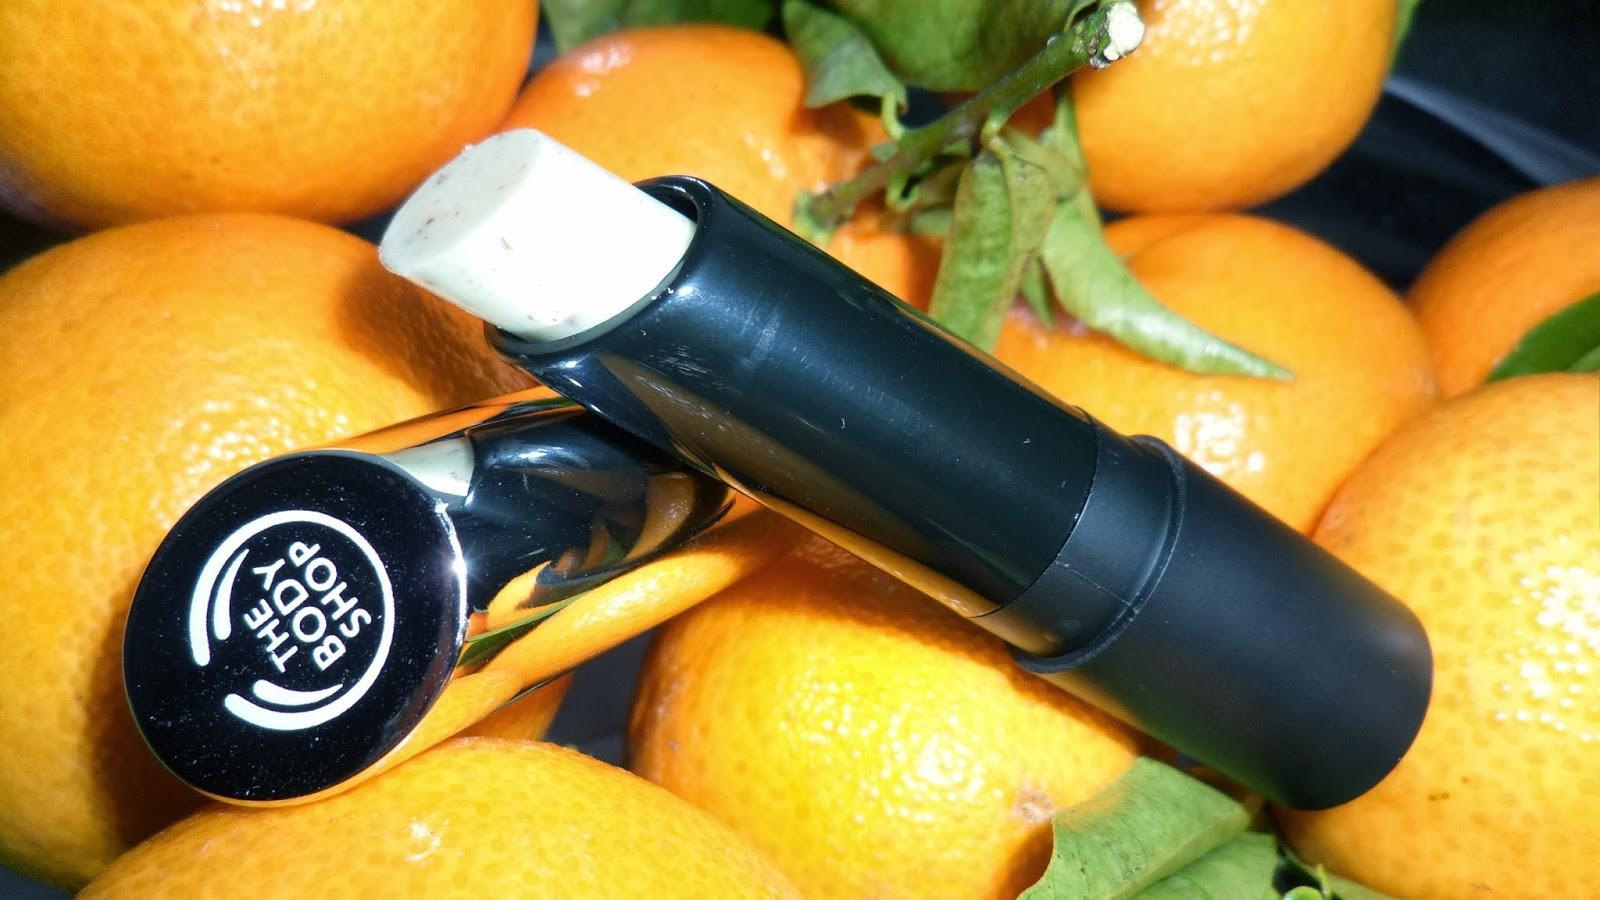 Tẩy da chết cho môi cũng rất quan trọng và đây là 5 sản phẩm giúp đem lại bờ môi sáng hồng, căng mọng cho các nàng - Ảnh 4.